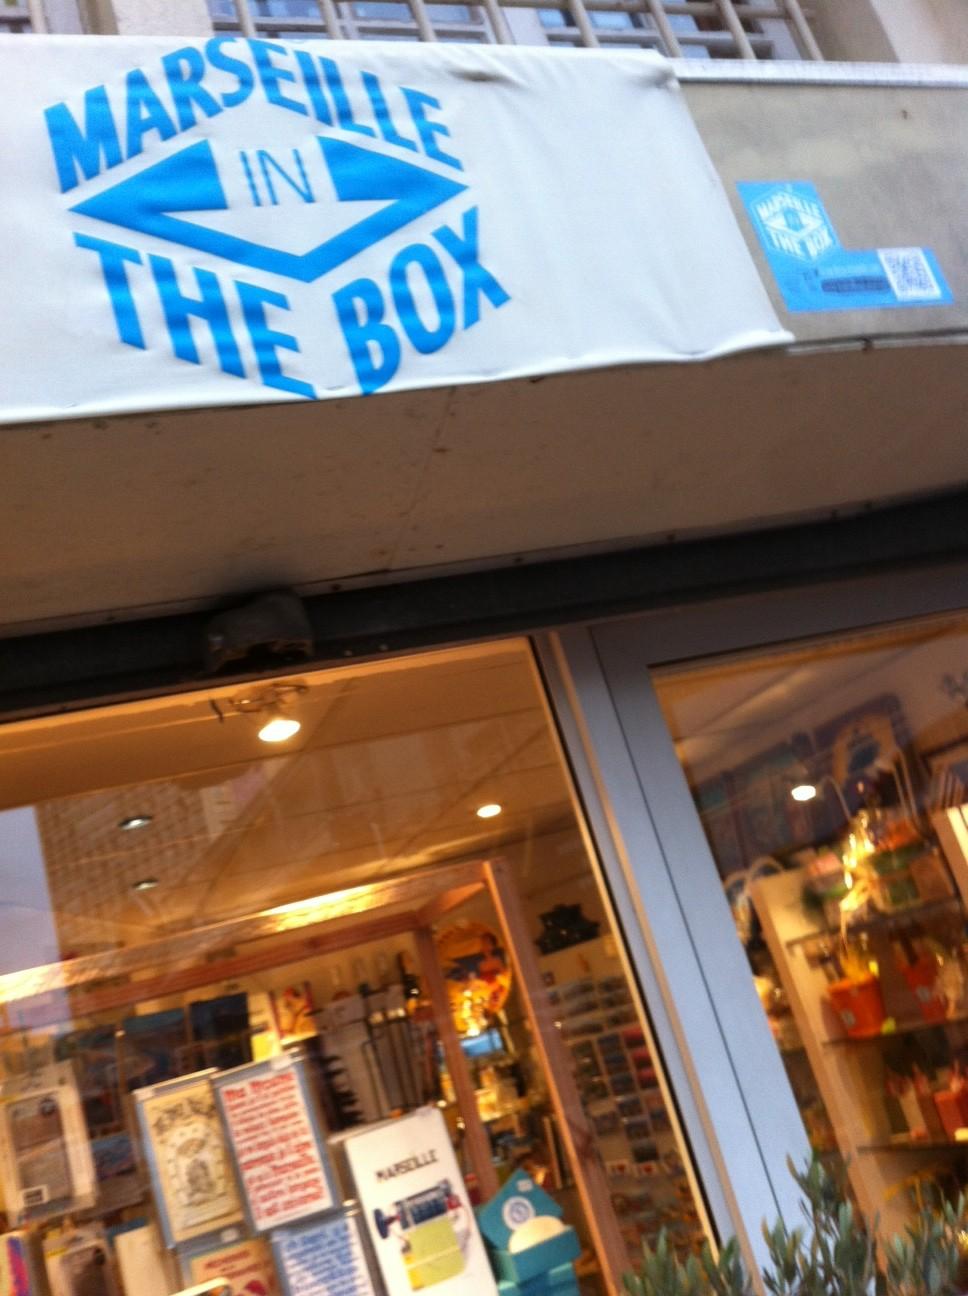 MarseilleInTheBox